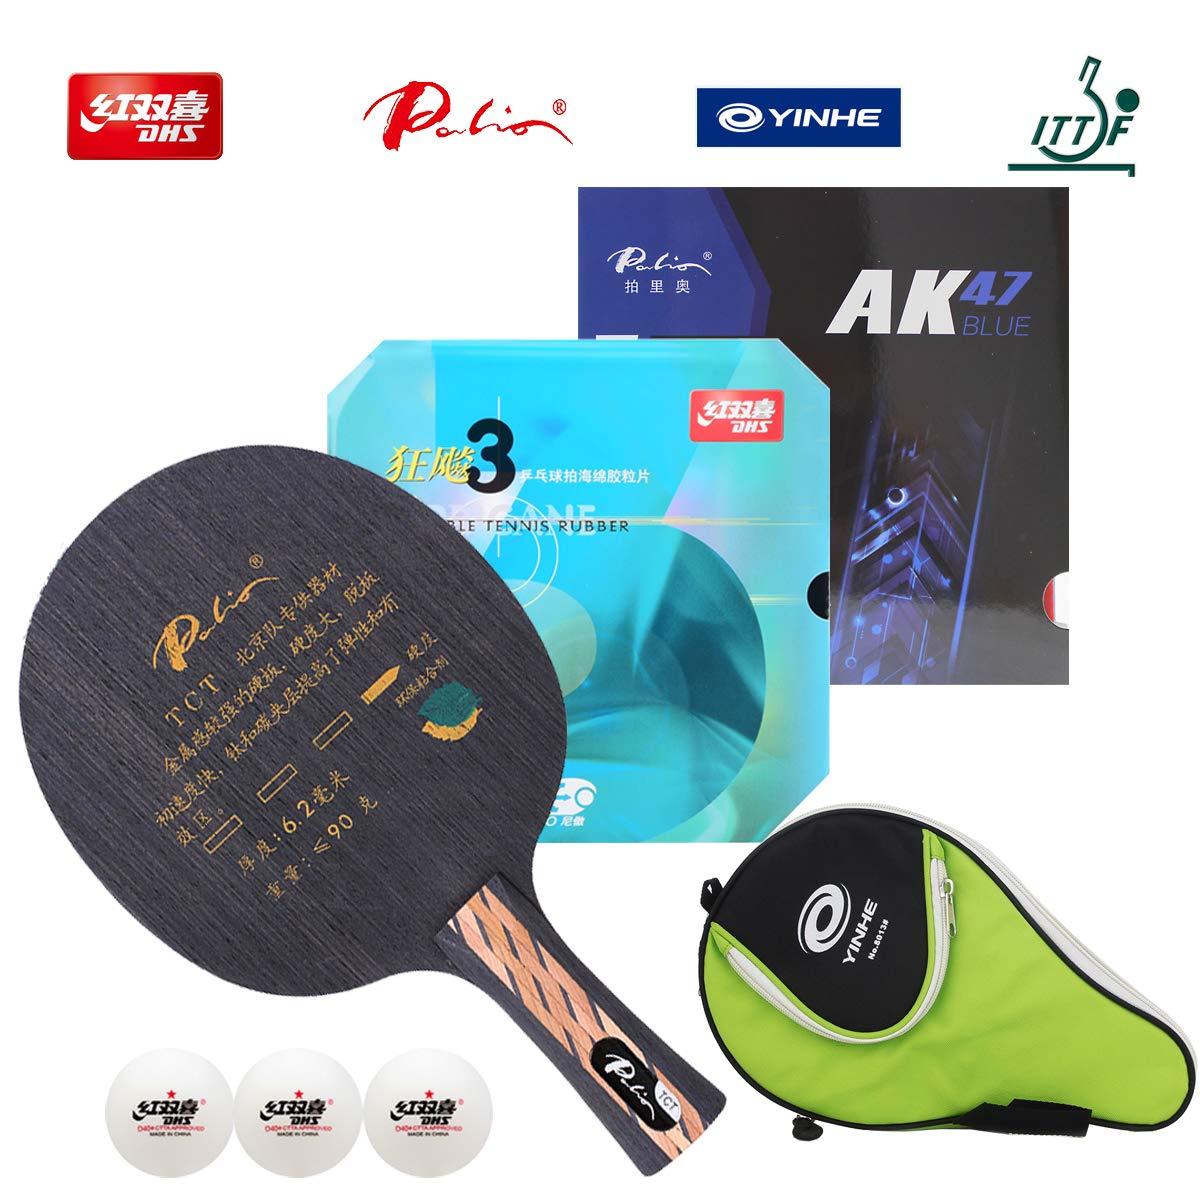 DHS ハンドアセンブリ プロフェッショナル 卓球ラケット プロ仕様 ピンポンラケット 組み合わせ パリオTCT 卓球用ブレード NEO ハリケーン 3パリオ AK47 ブルースタイルゴム B07JLHTWMQ